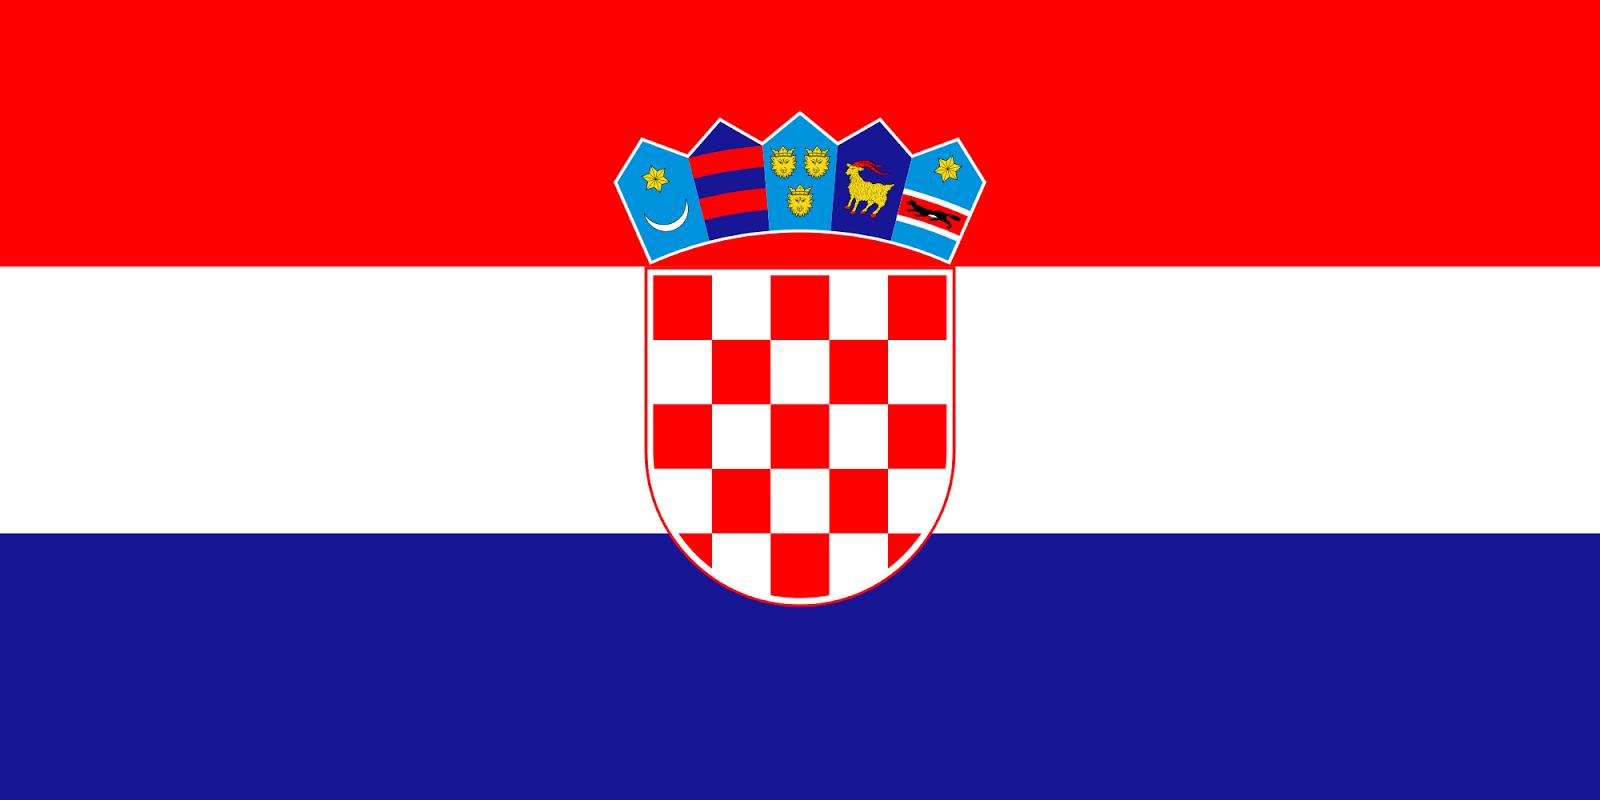 http://carbrandsincurrentproduction.blogspot.com.es/search/label/Croatia